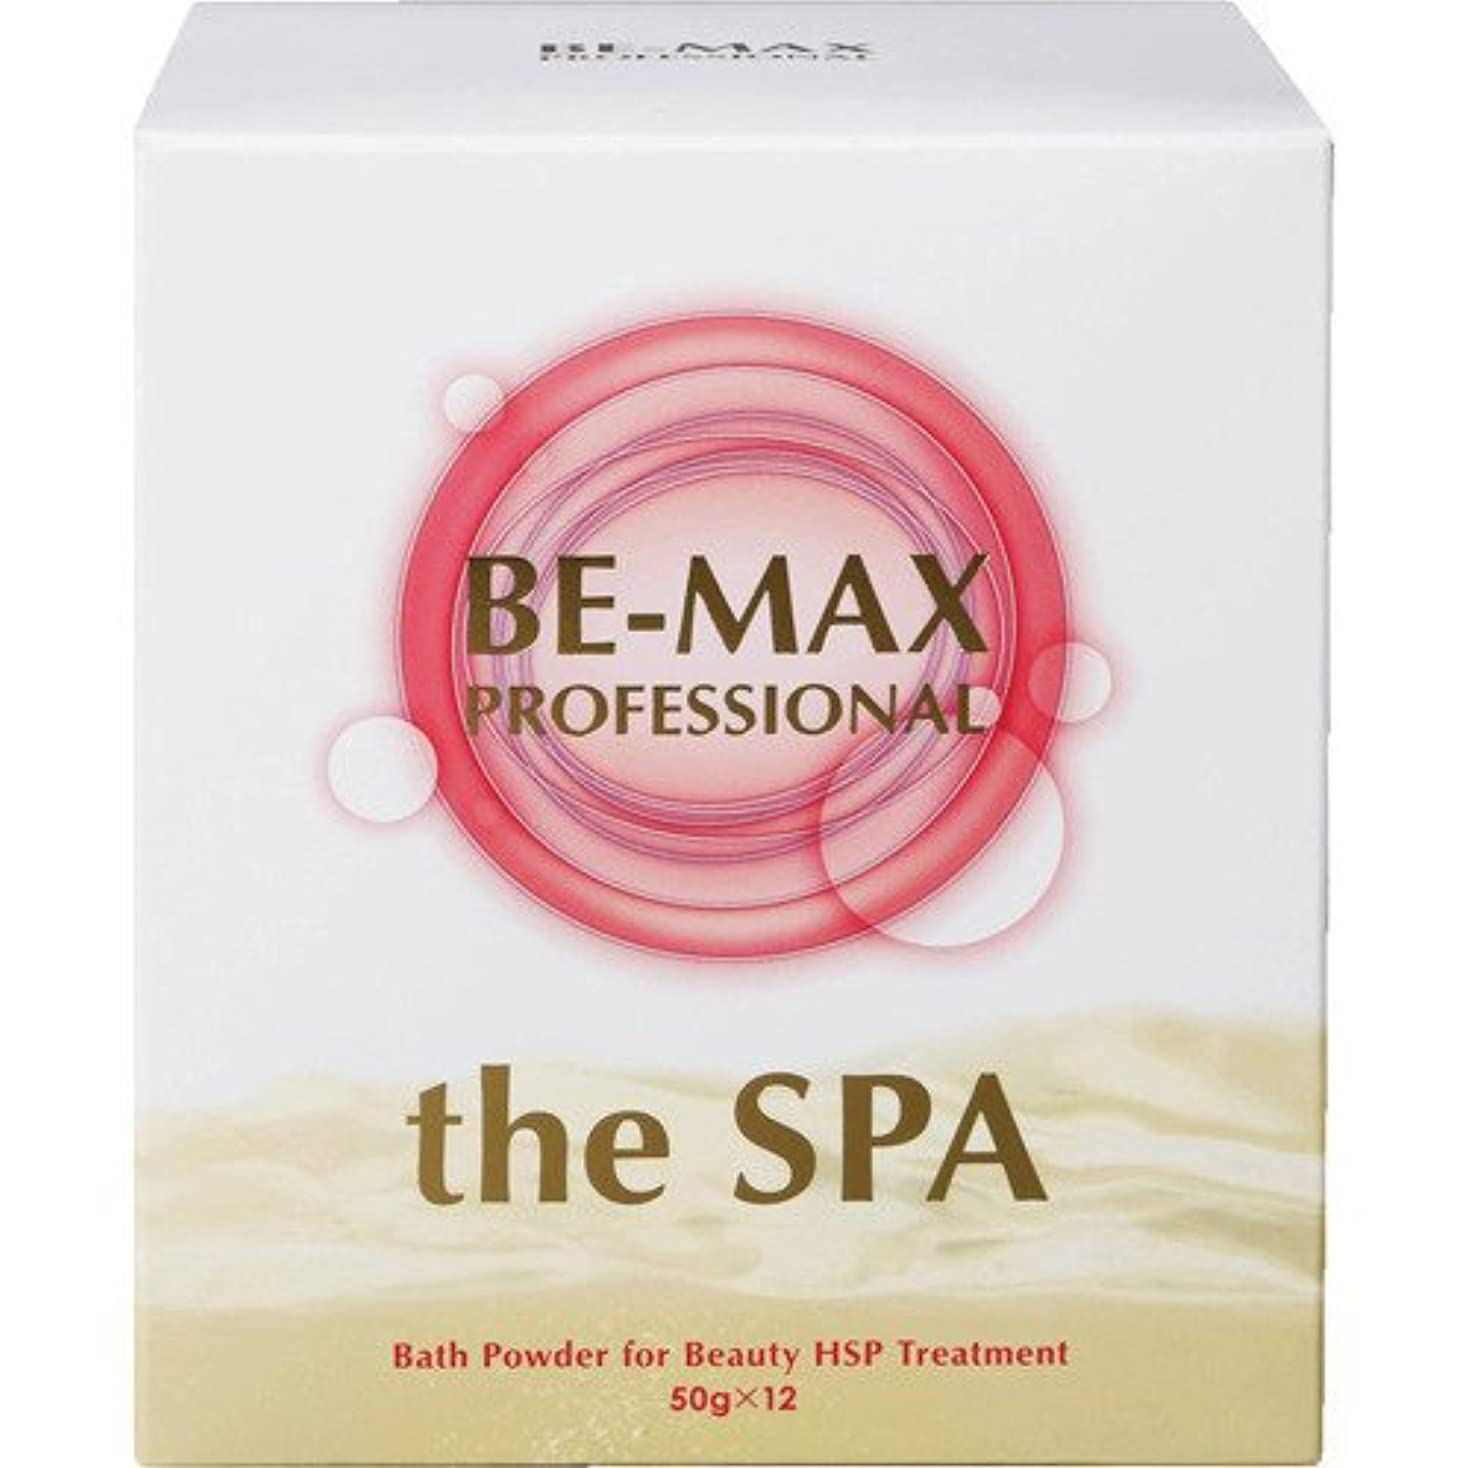 古風な有効剪断BE-MAX PROFESSIONAL the SPA(ザ?スパ) ビーマックスプロフェッショナル ザ?スパ バスパウダー 50gx12包 (4571132621587)